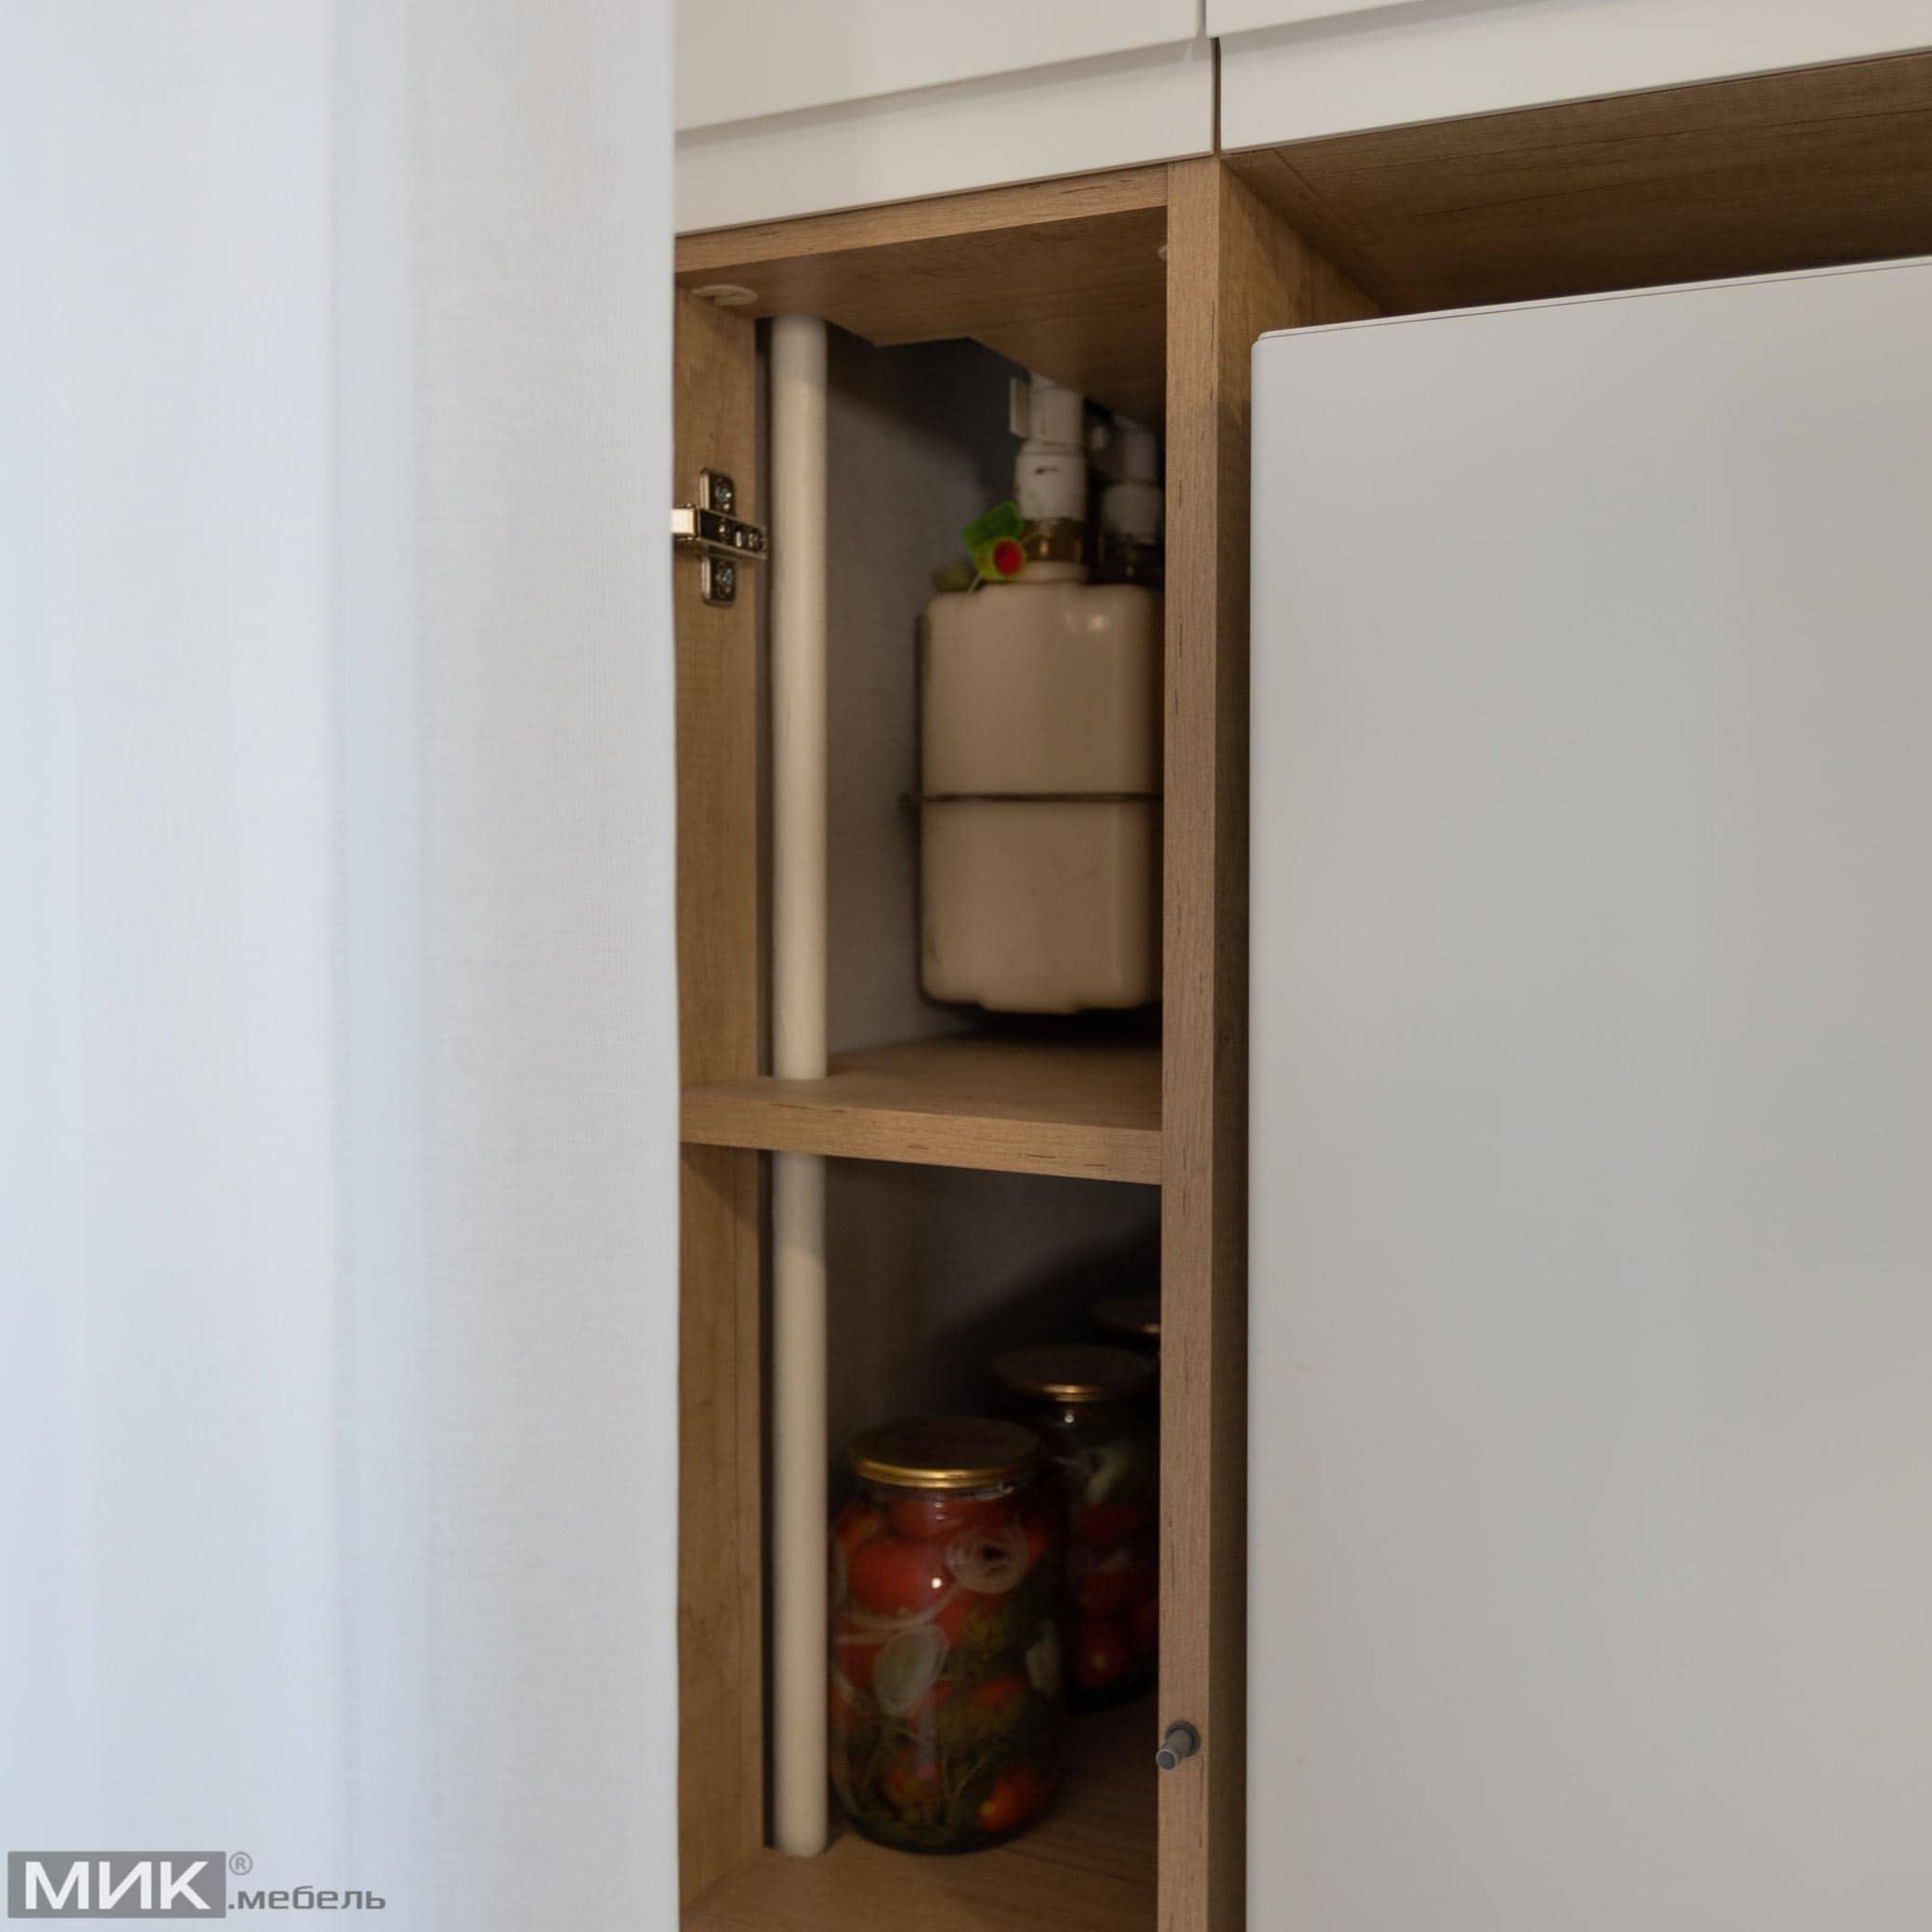 Газовий лічильник зашитий в кухонному ящику